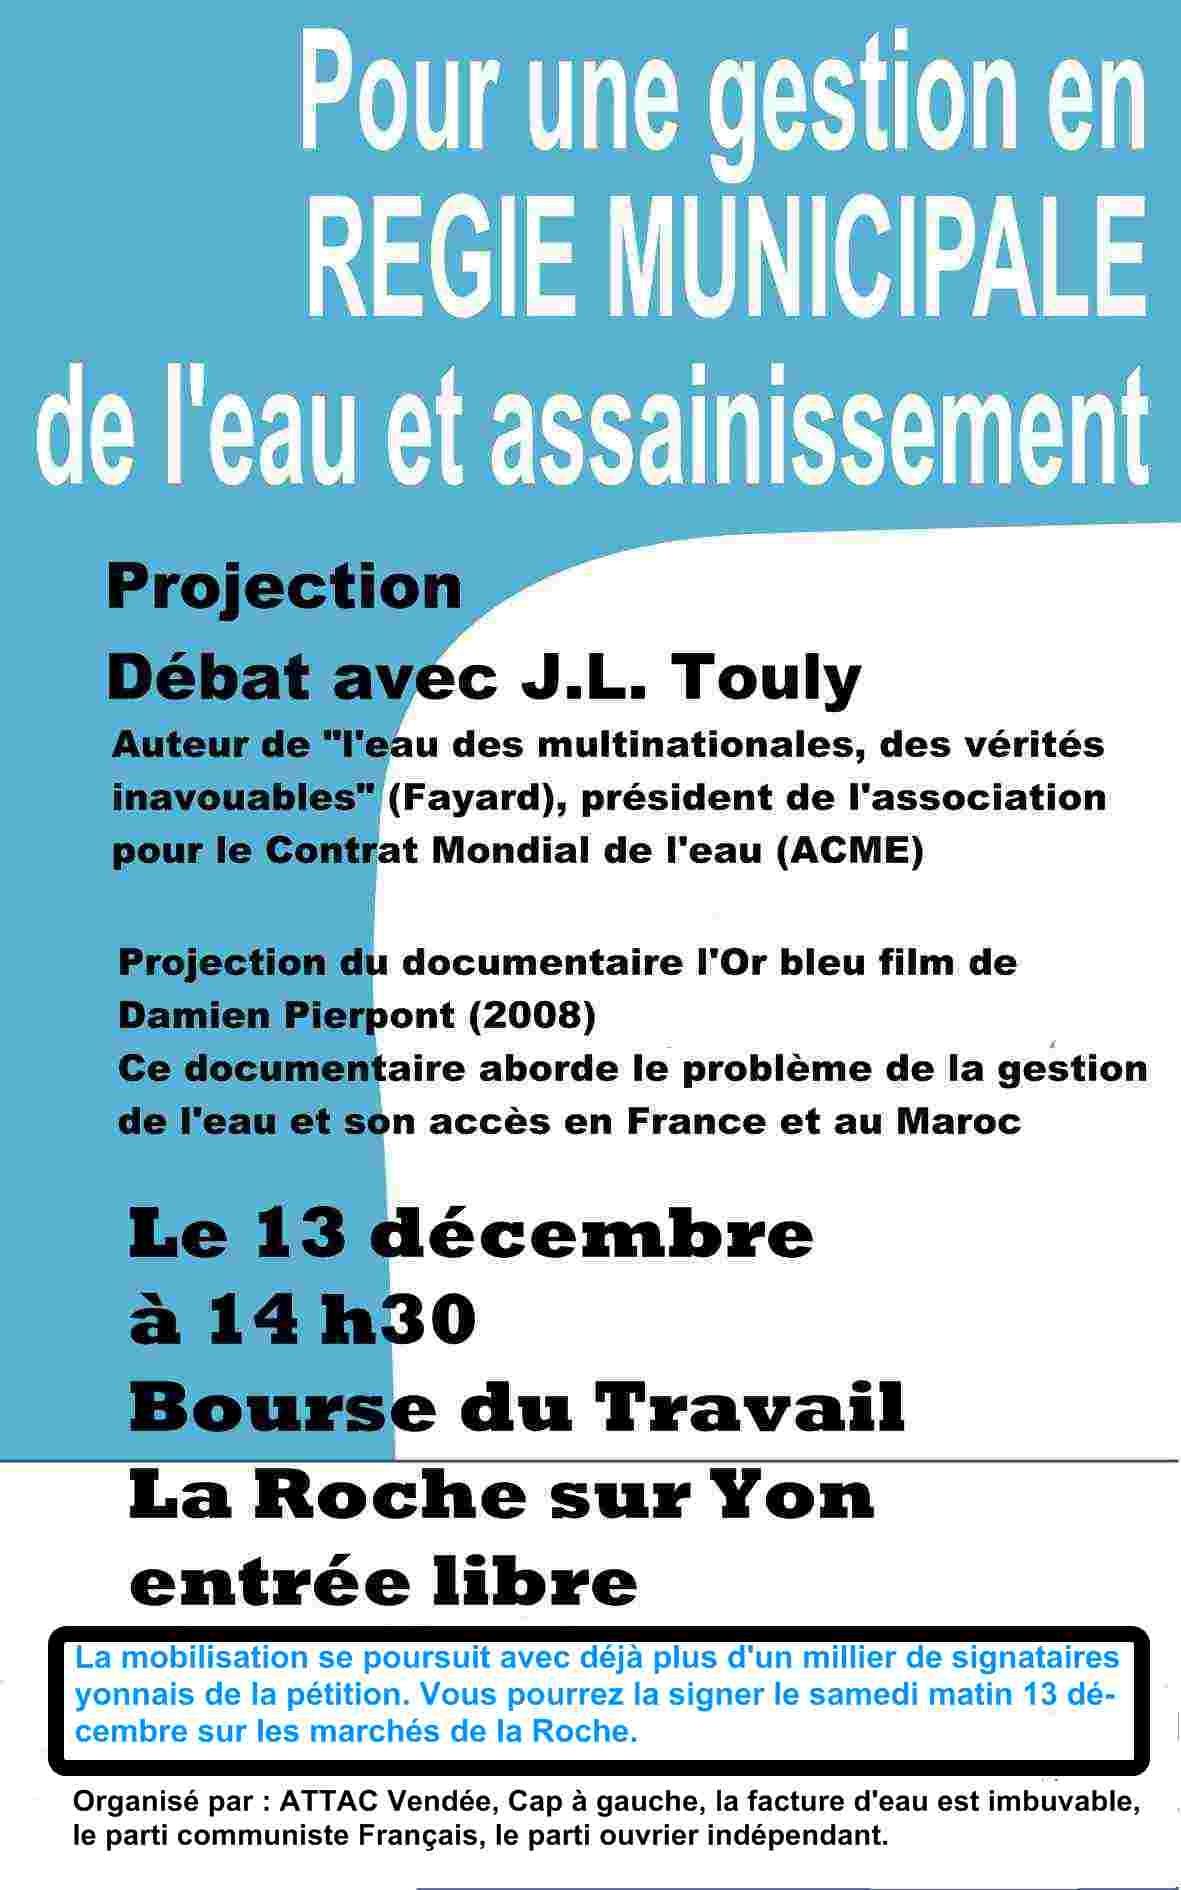 Débat public sur la gestion de l'eau à la Roche sur Yon samedi 13 décembre